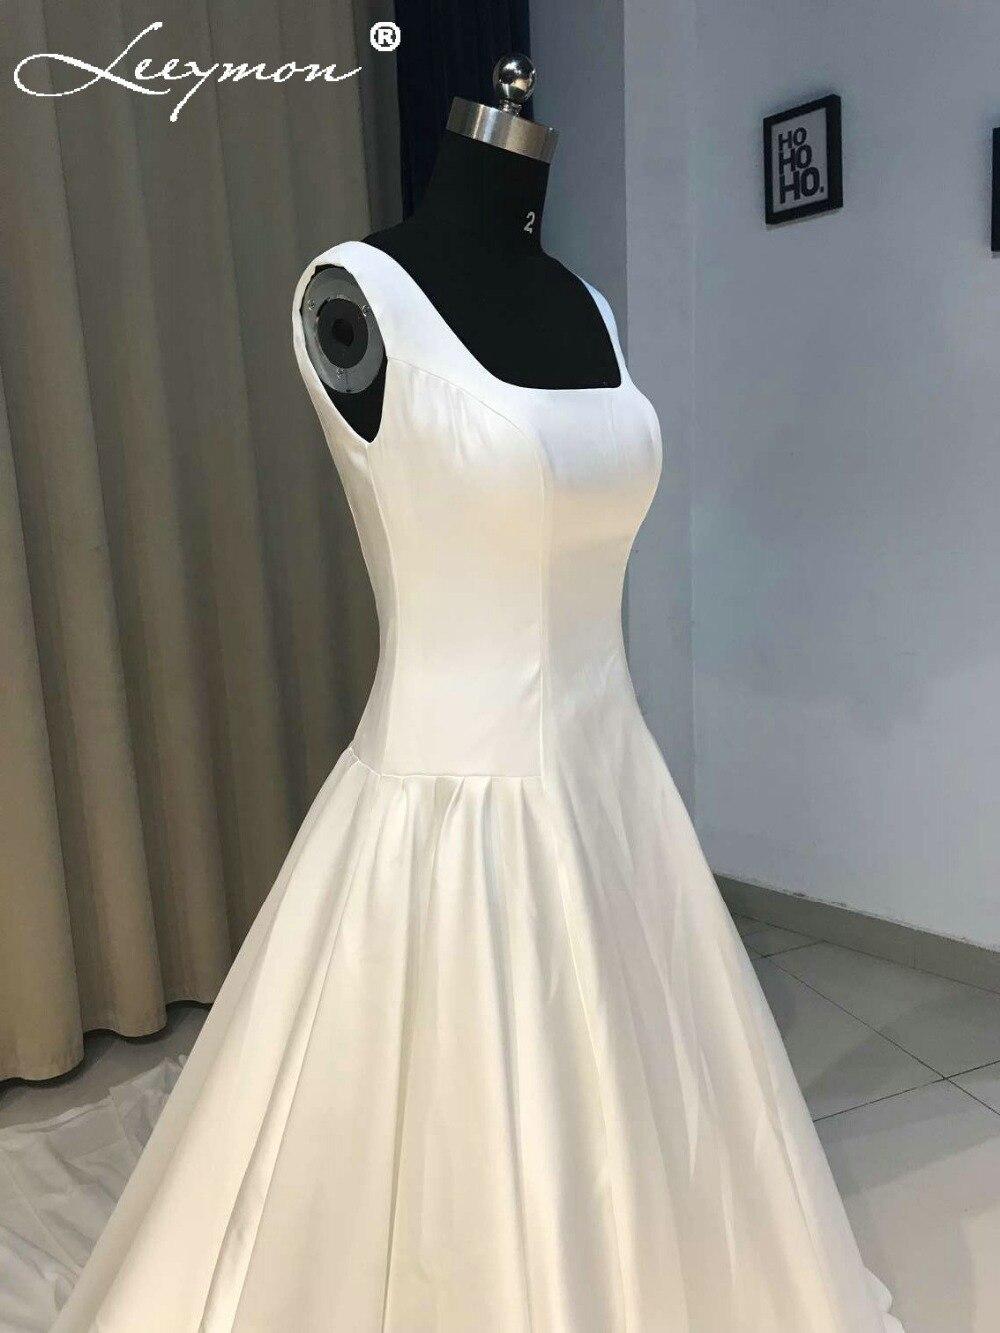 Erfreut Einfaches Satin Hochzeitskleid Galerie - Brautkleider Ideen ...